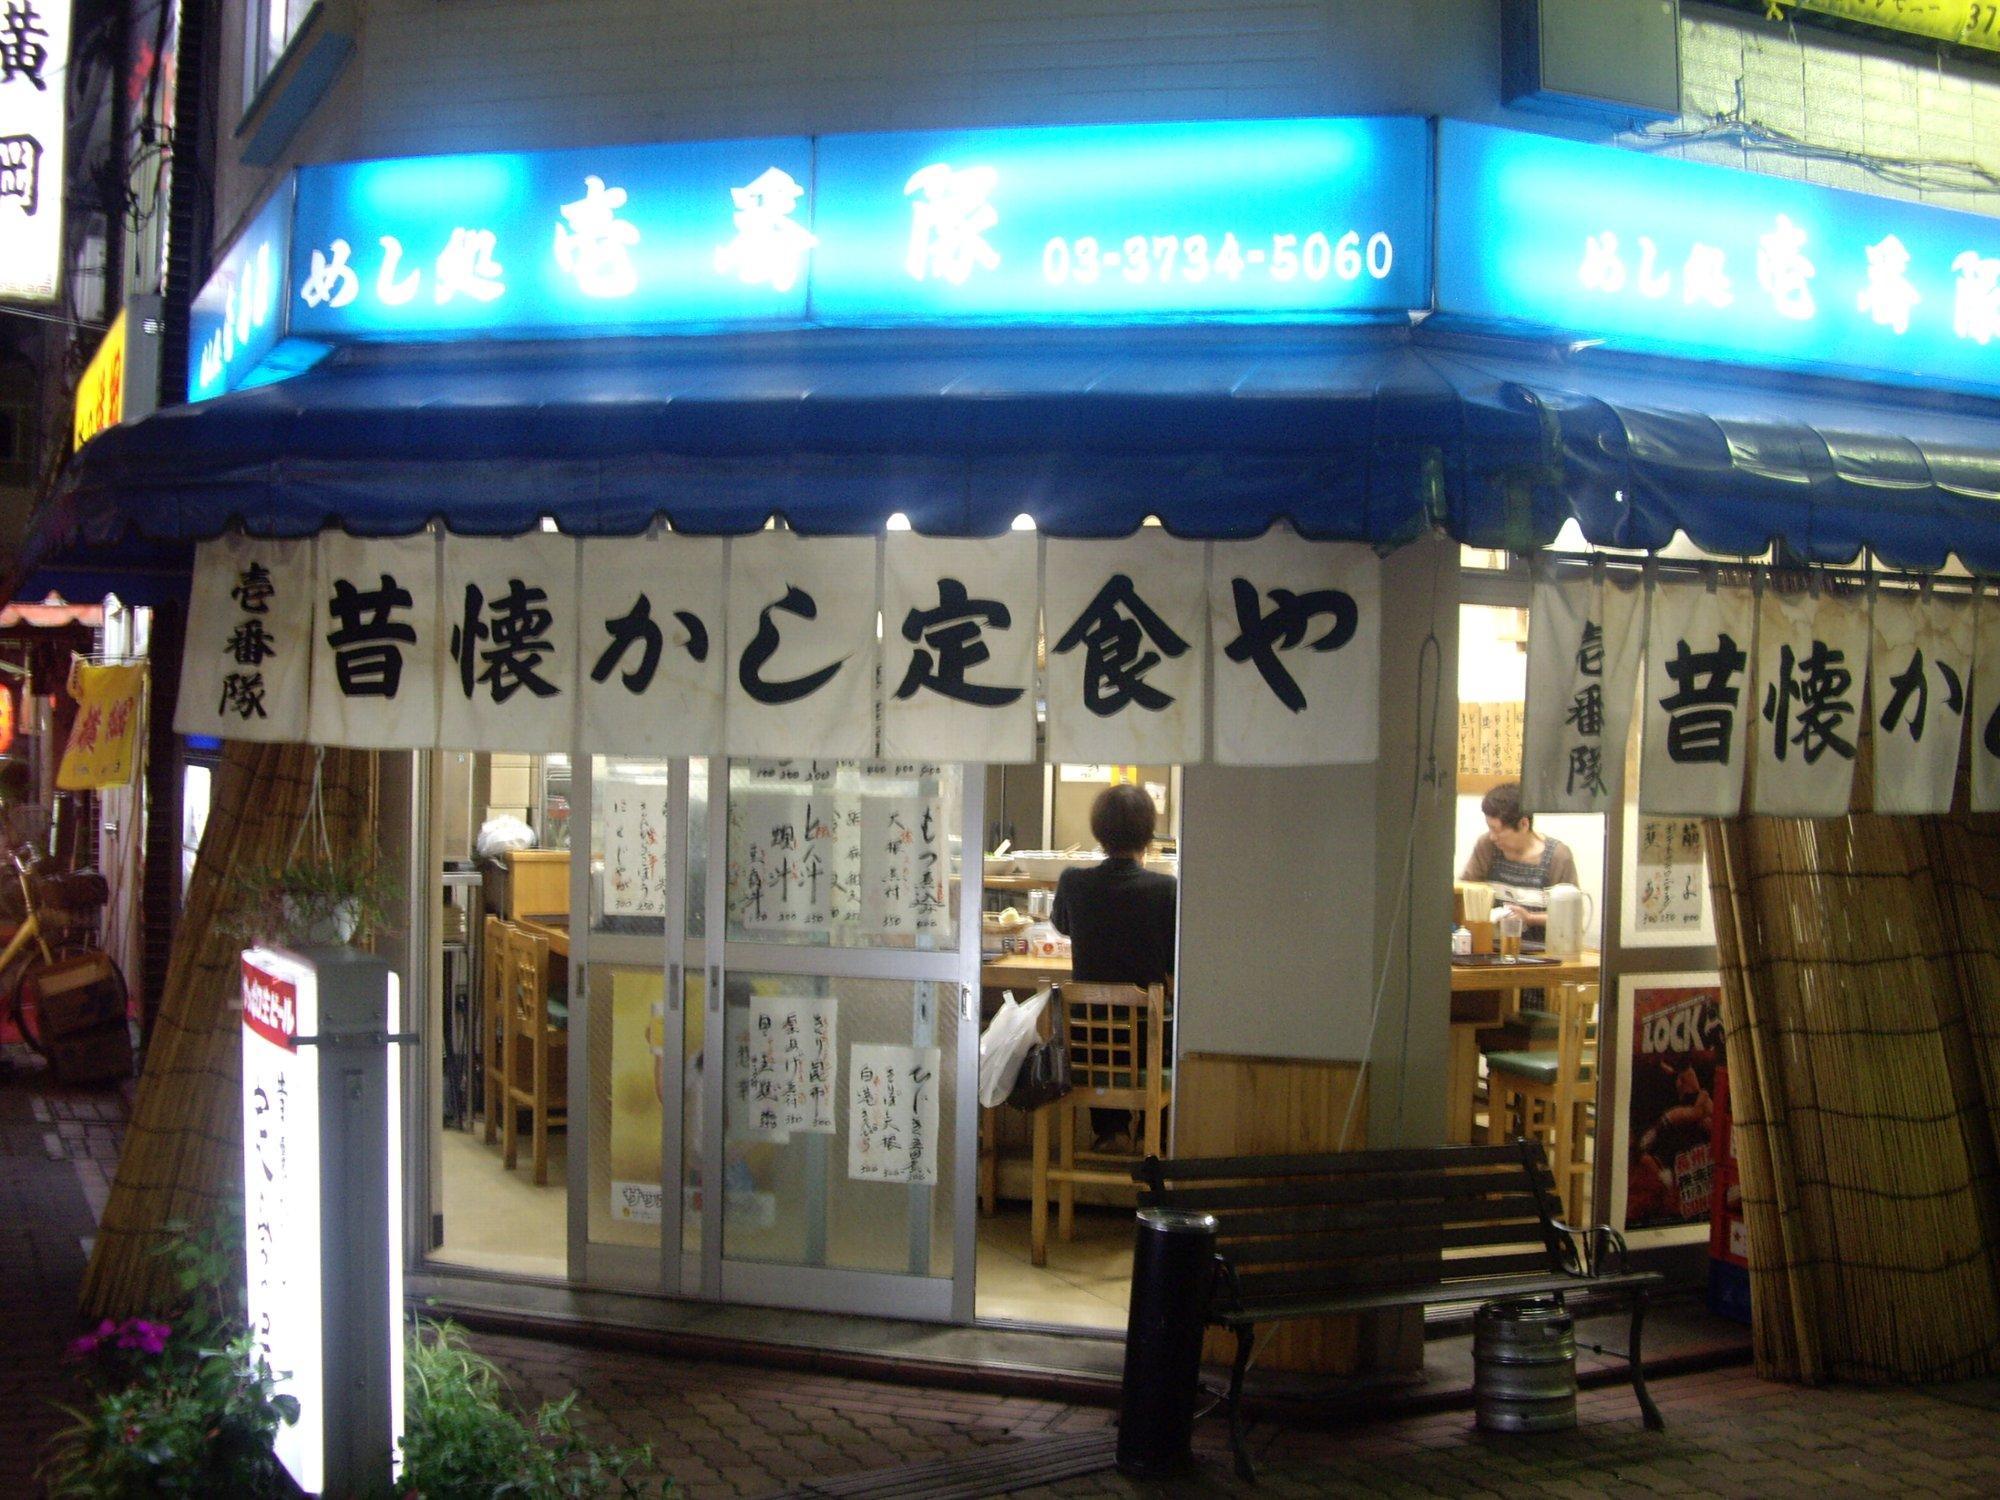 昔懐かしい定食屋でおふくろの味、蒲田『壱番隊』_d0223663_8403243.jpg